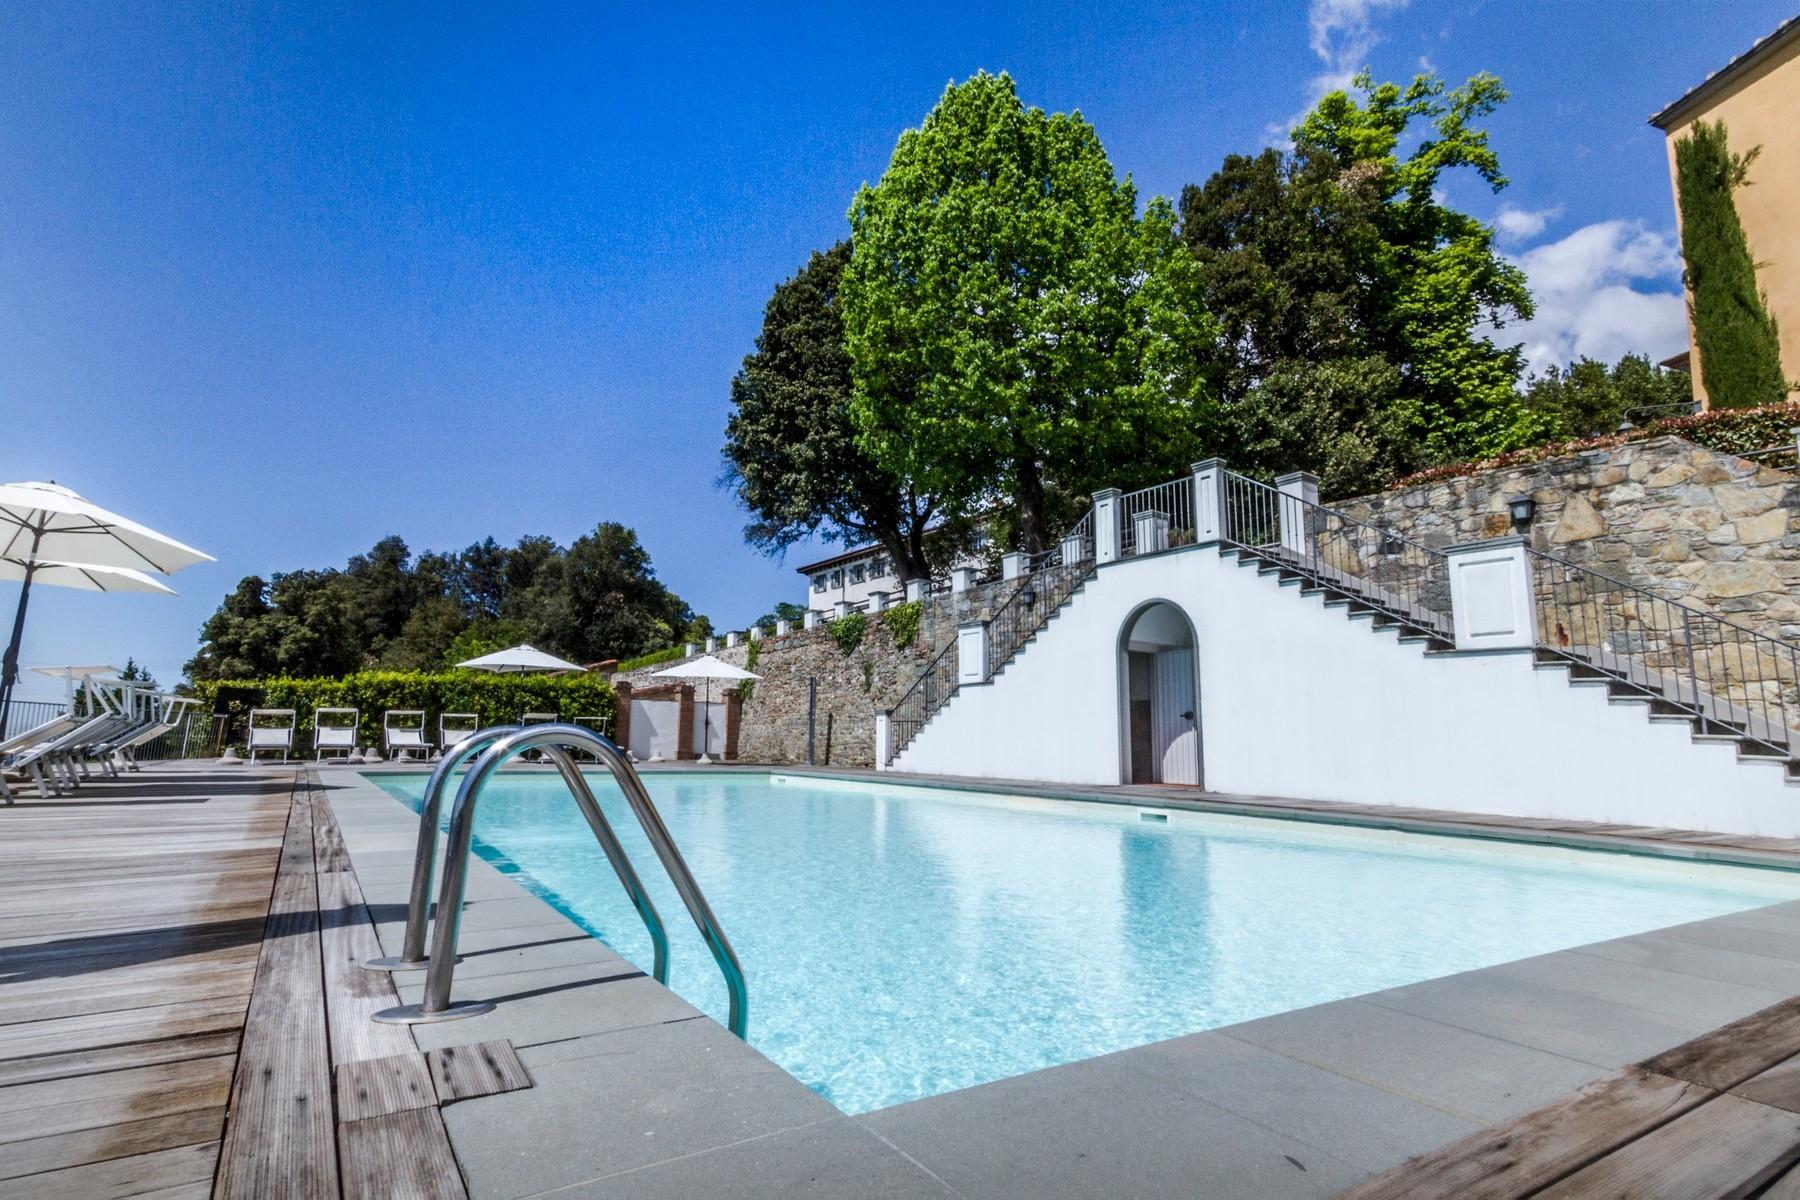 Appartement de luxe dans une villa historique sur les collines de Lucca - 10